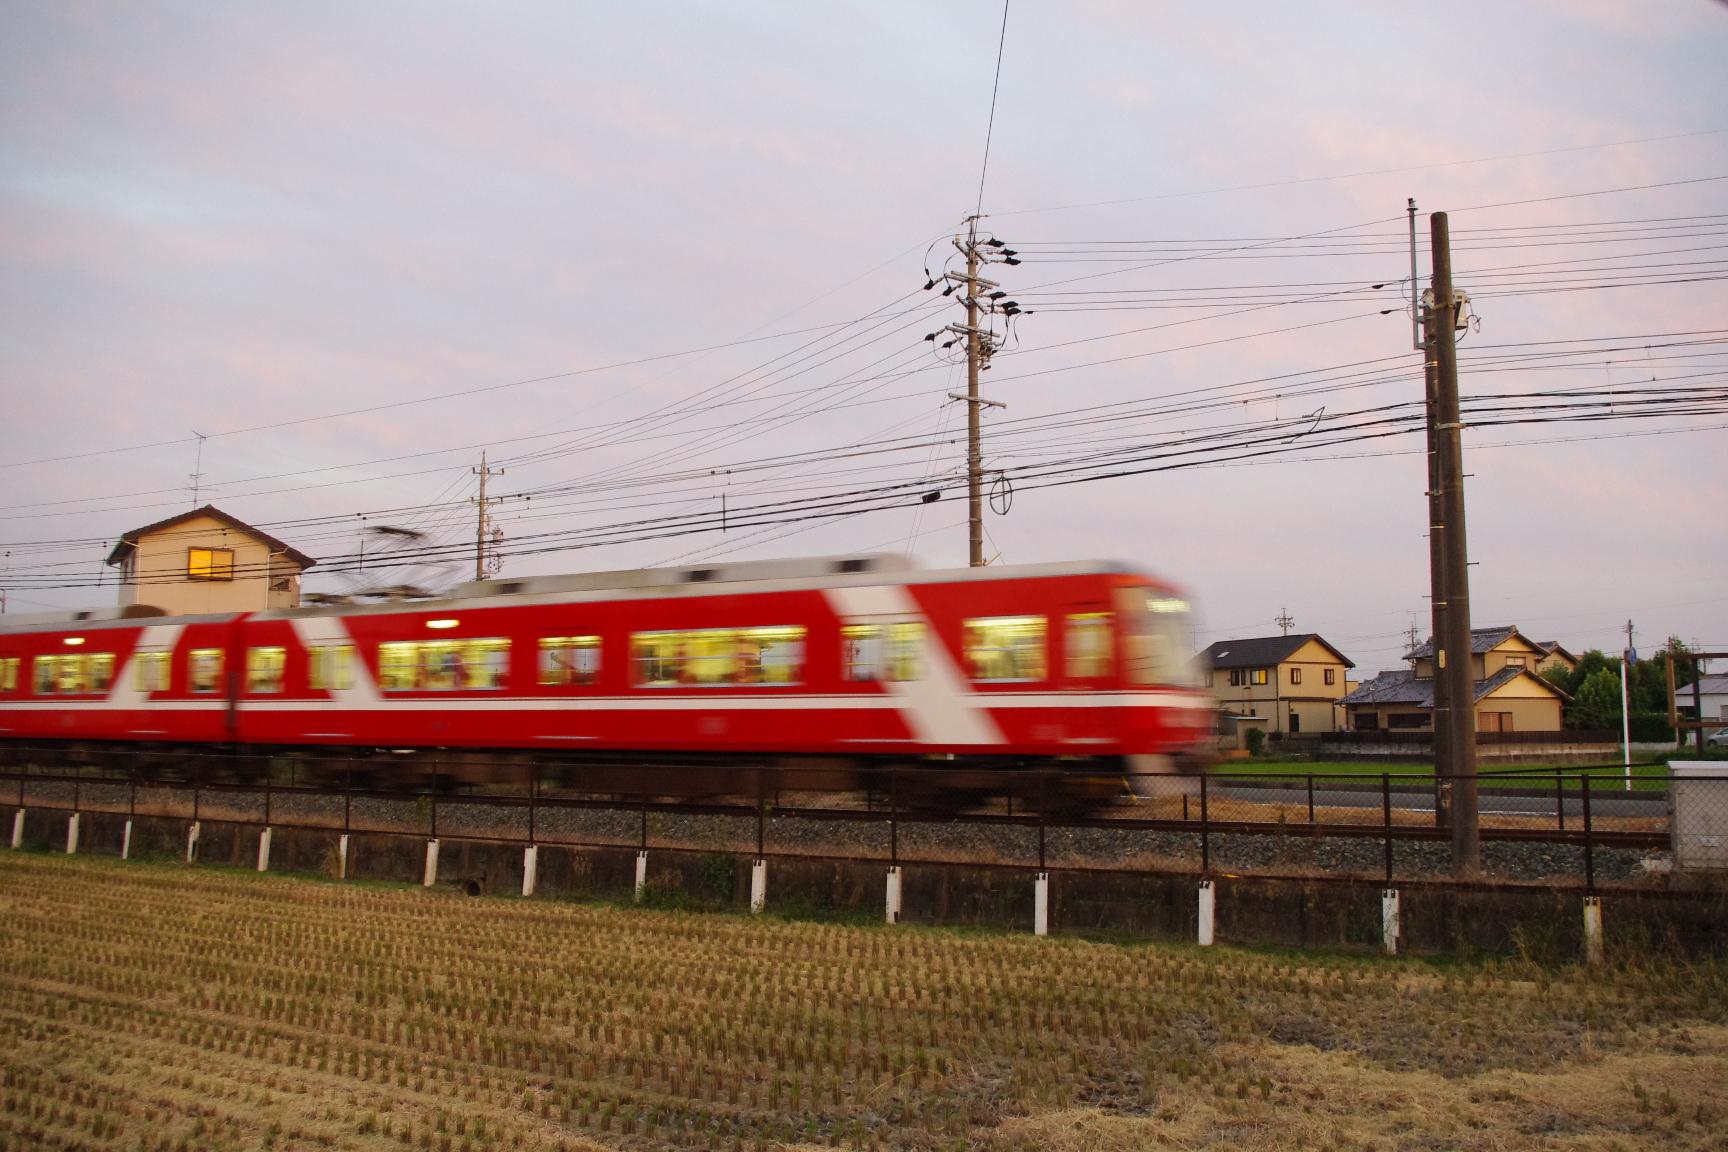 『出没!アド街ック天国』浜松編ランキングまとめ 遠州鉄道